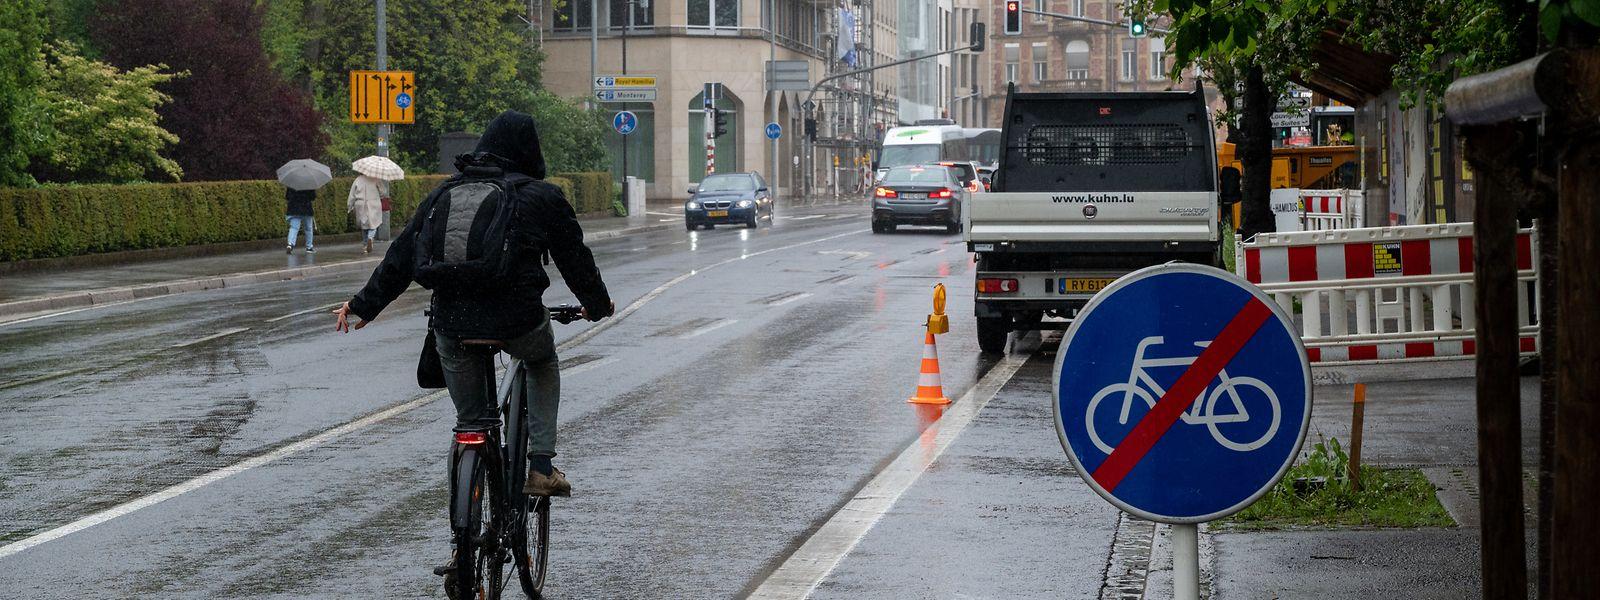 Die Avenue Marie-Thérèse ist für Radfahrer ein gefährliches Pflaster.